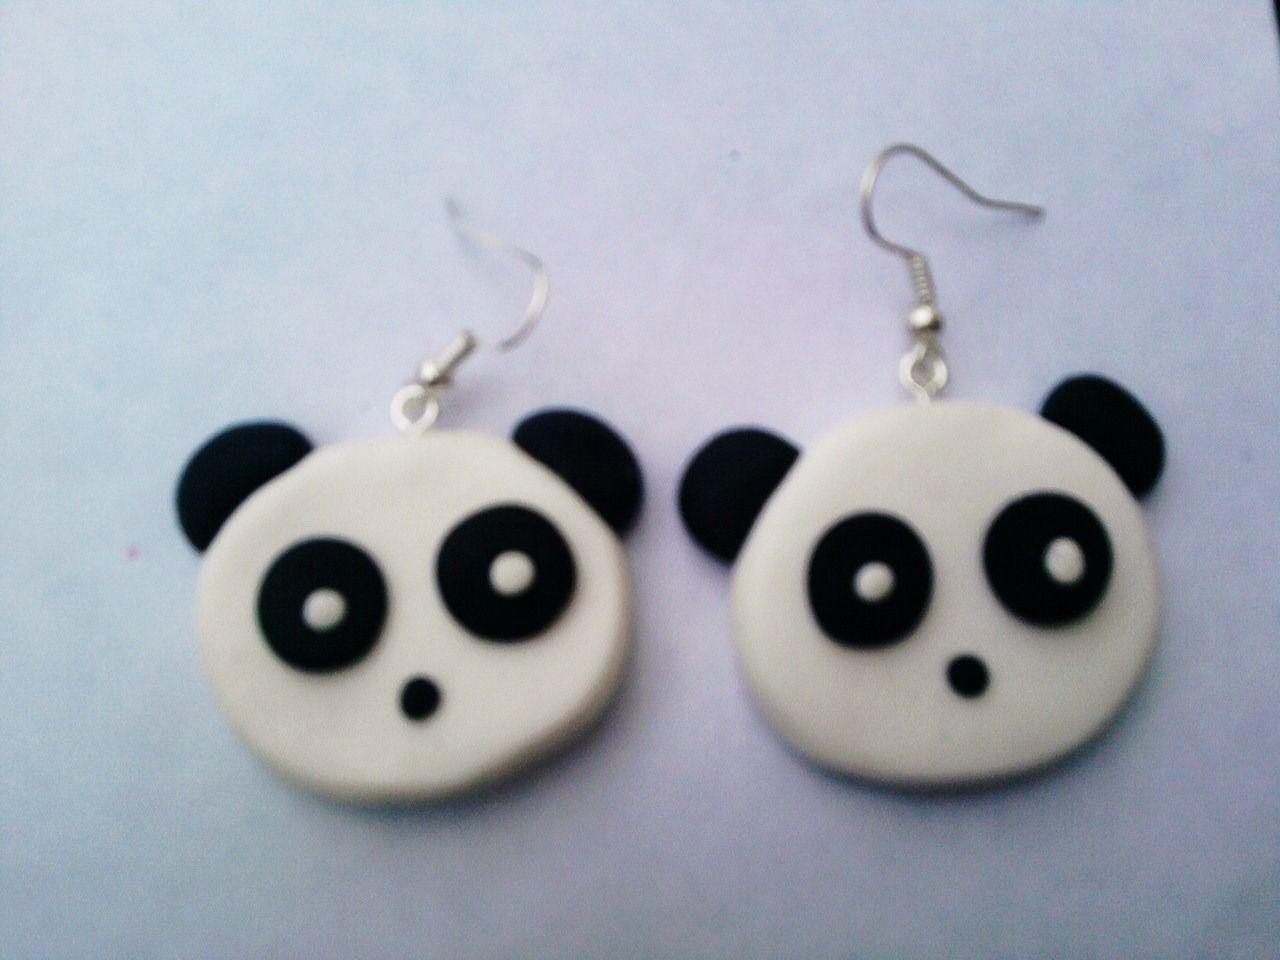 boucles d oreille boucle d oreille tete de panda en pate. Black Bedroom Furniture Sets. Home Design Ideas